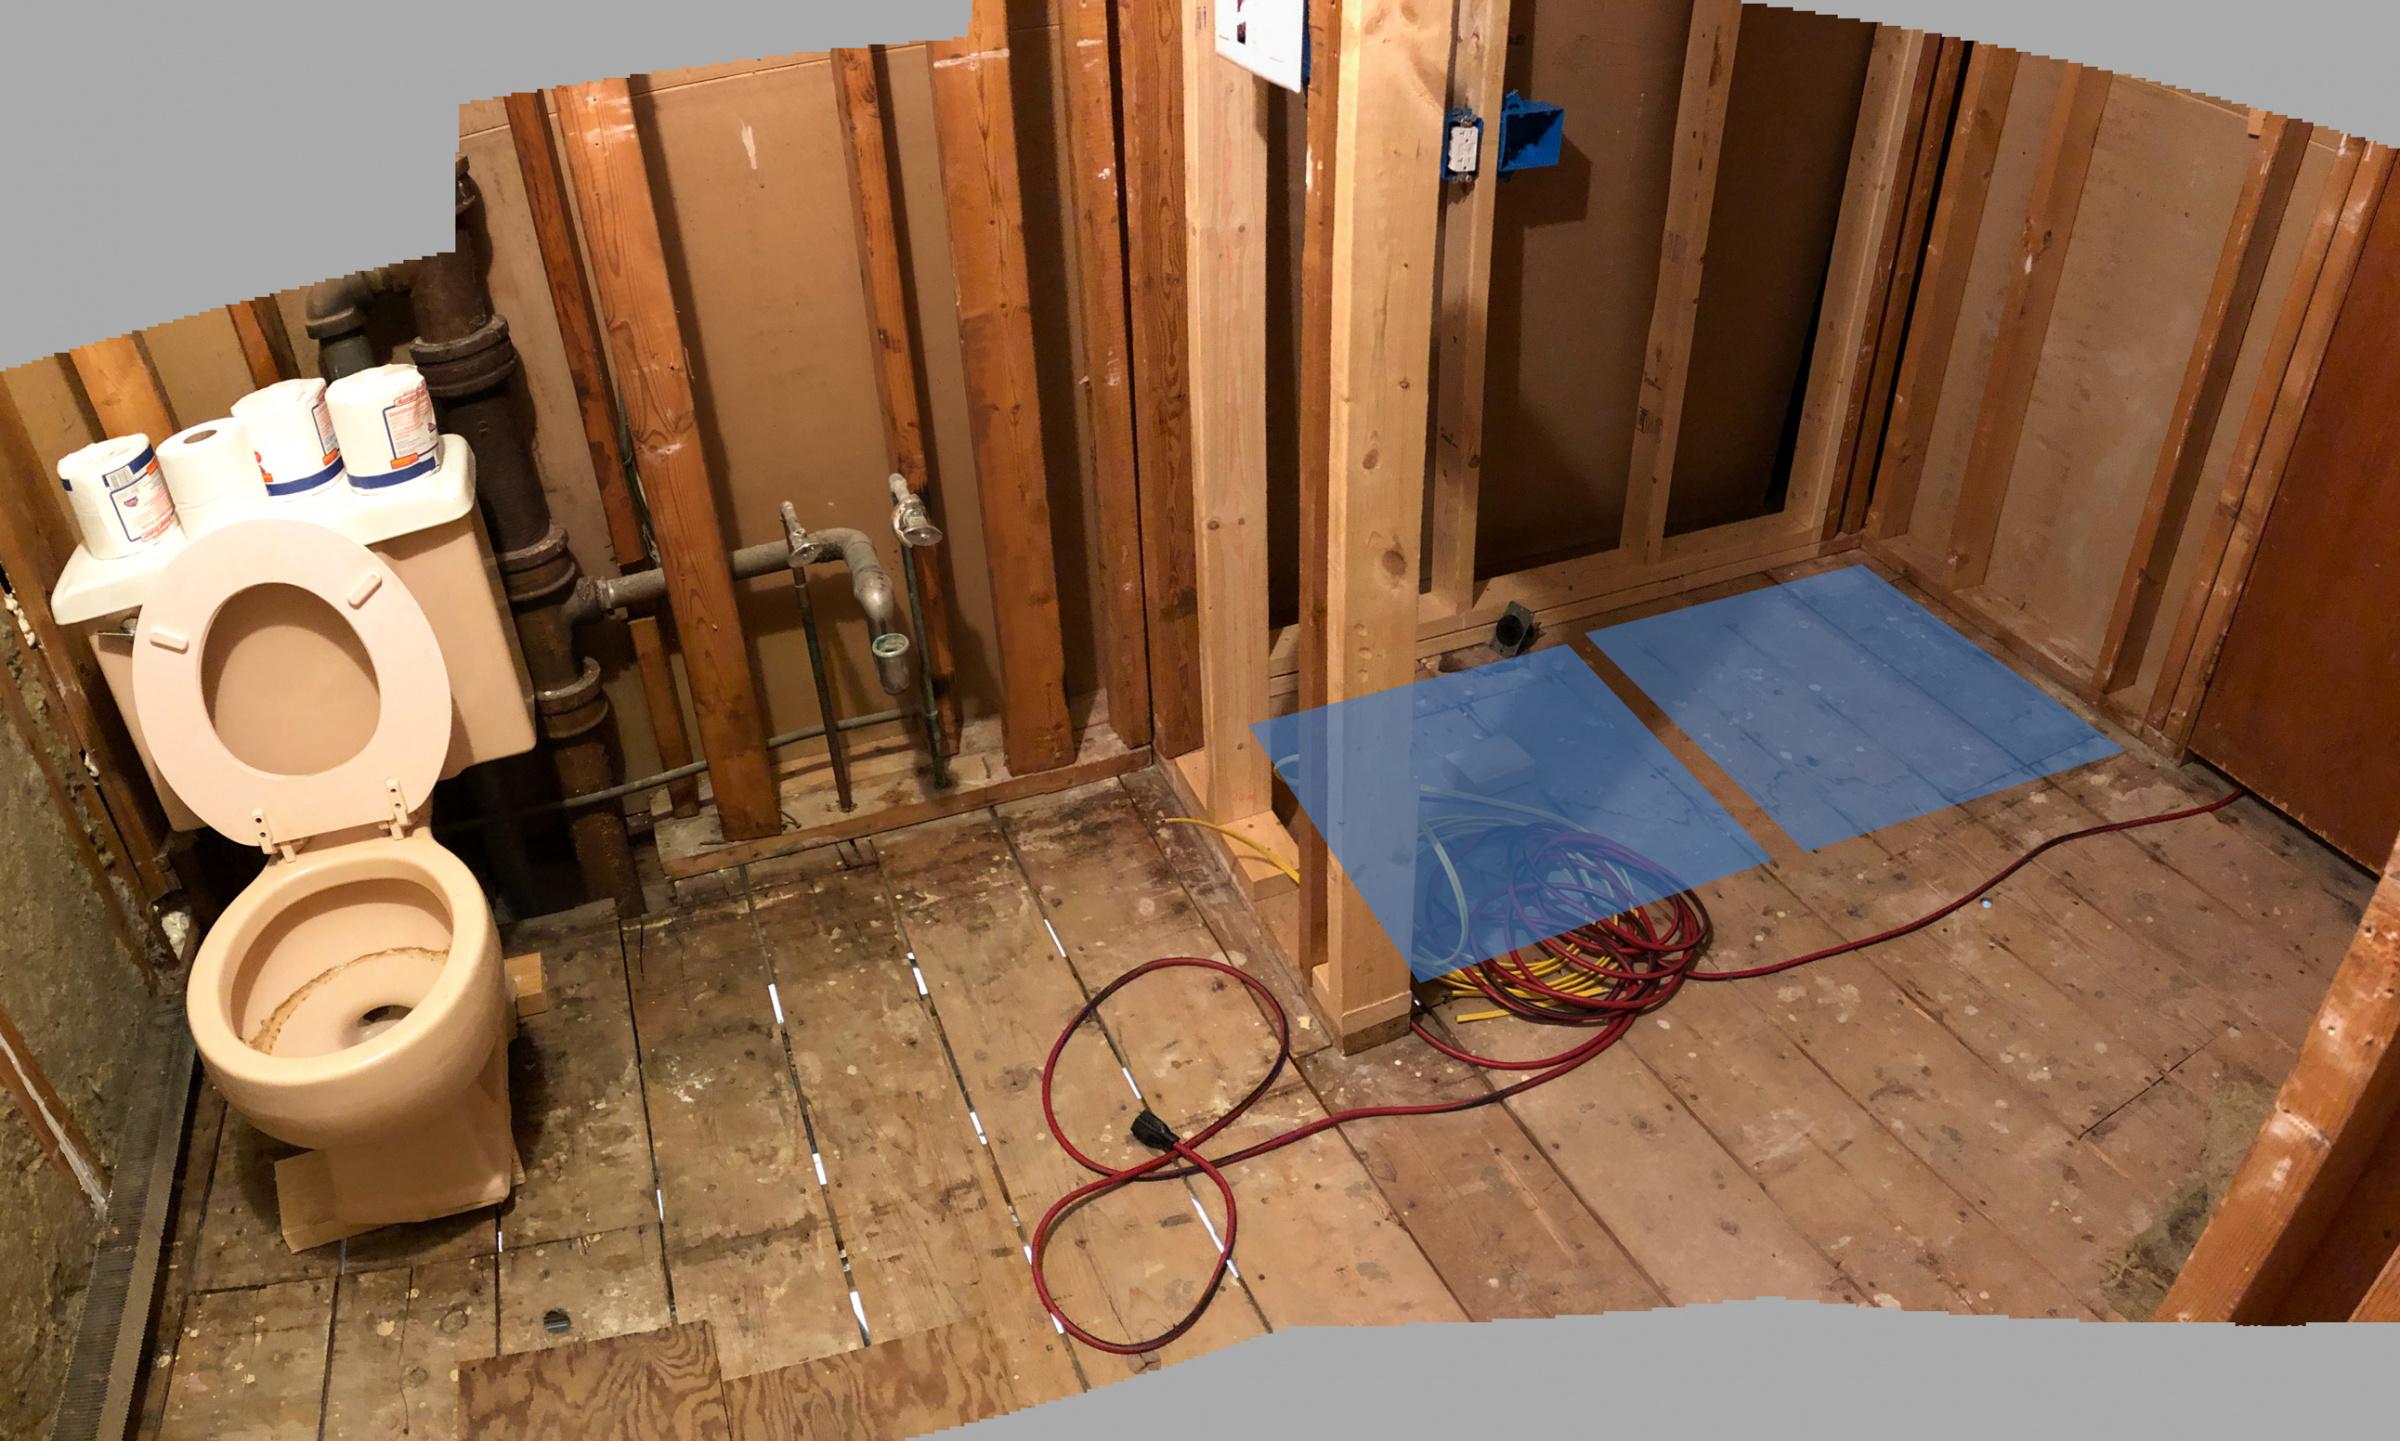 Drilling Dryer Vent Hole Through Floor Joist-washer-dryer-location.jpg